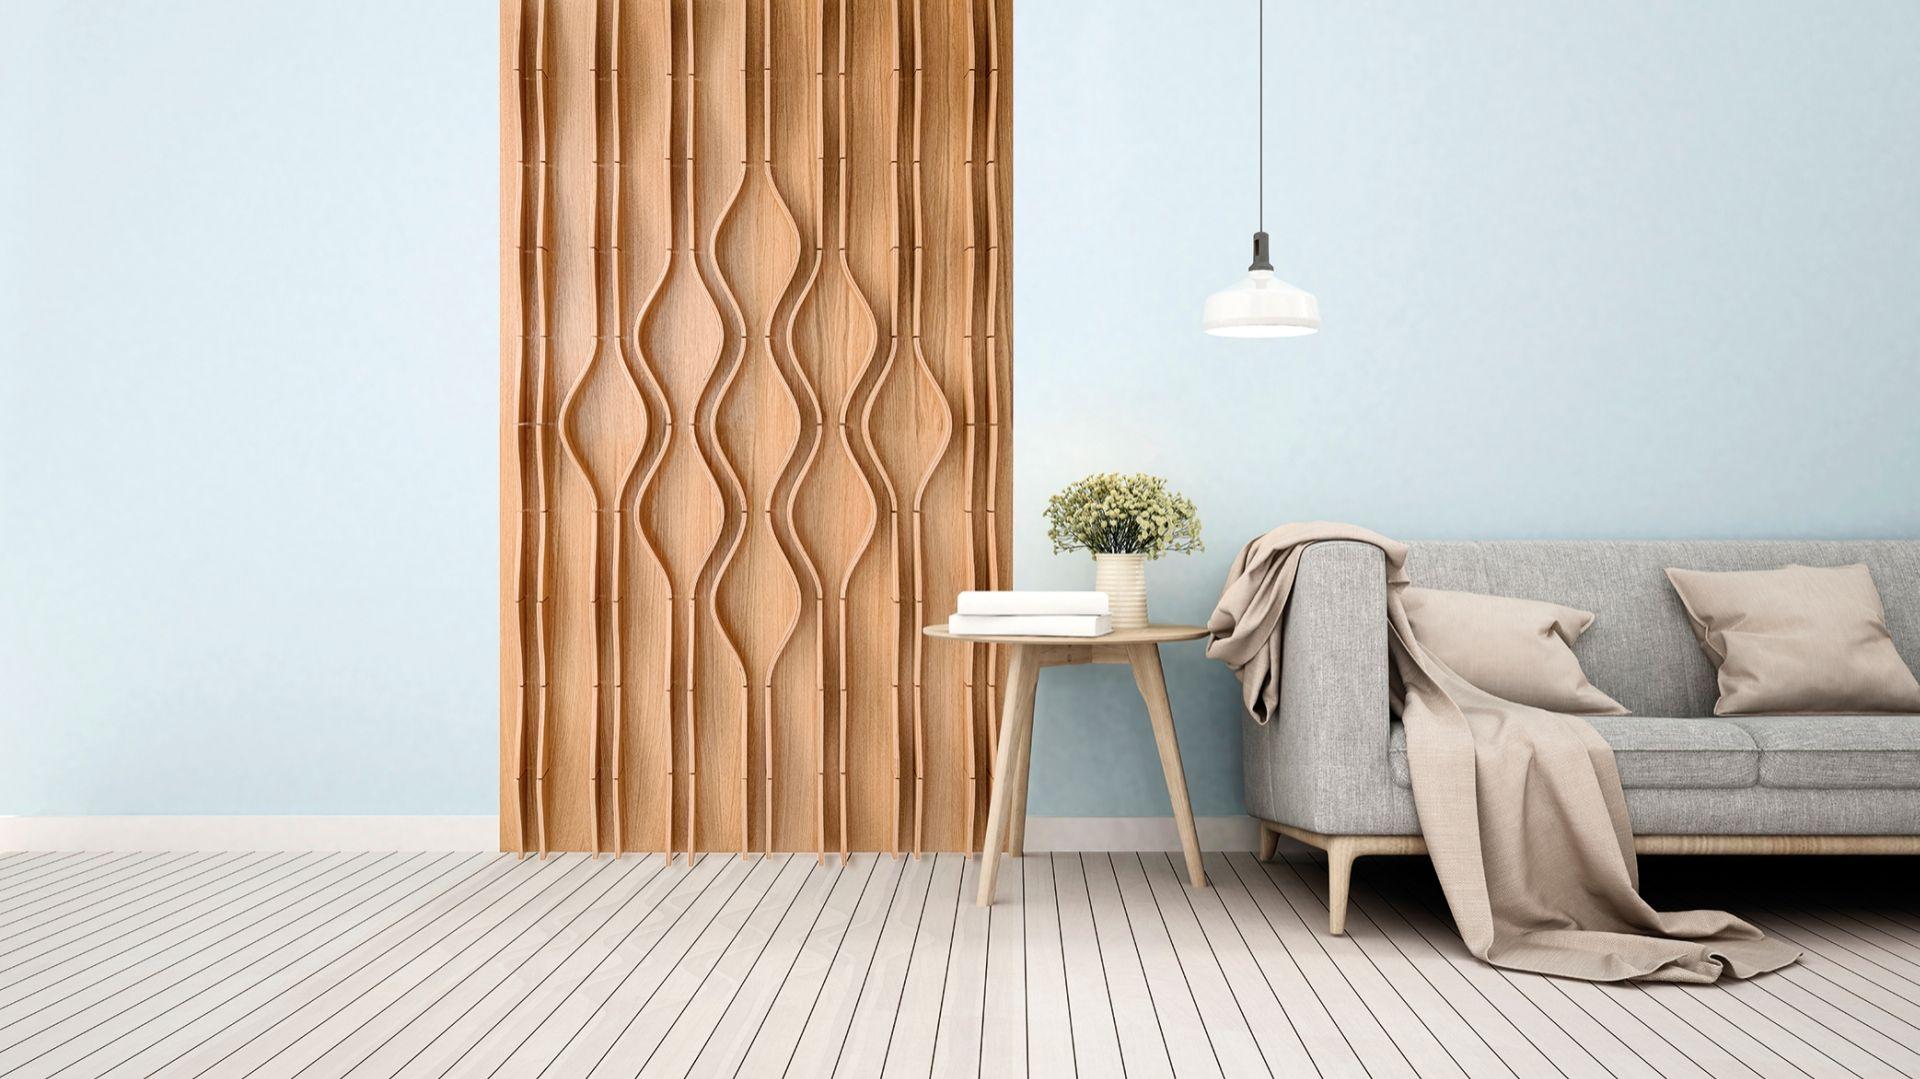 Falująca dekoracja ścienna ze sklejki drewnianej. Cena: 1 230-1 968 zł/m2, Bester Studio. Fot. Bester Studio